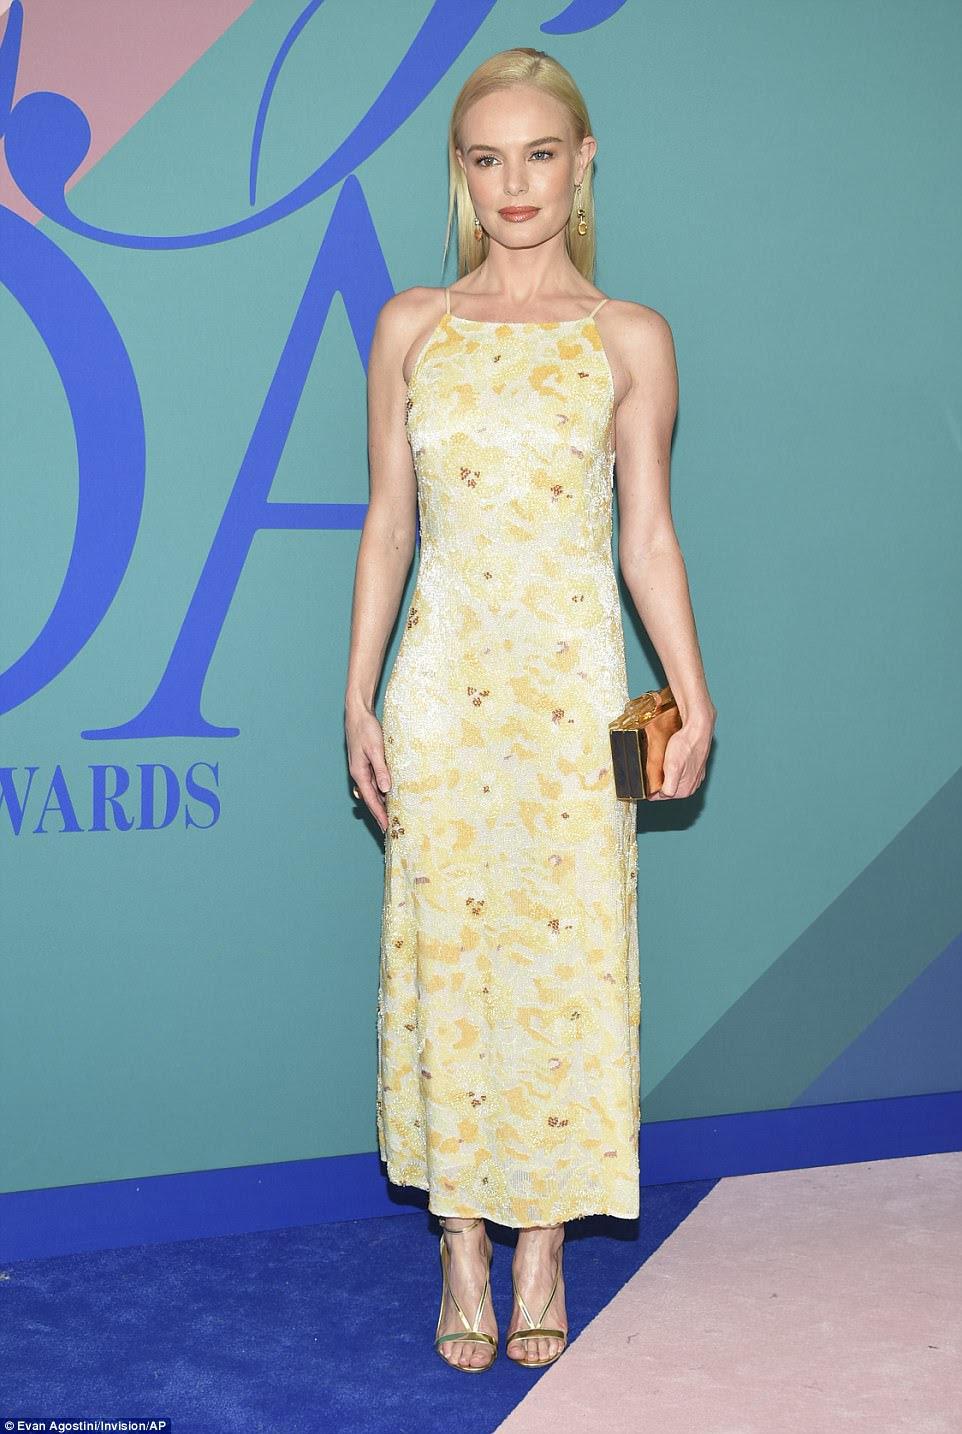 Poder das flores: Kate Bosworth, que se tornou um nome familiar depois de estrelar em Blue Crush, parecia bonita como uma foto em seu vestido floral de contas amarelas e brancas;  A atriz emparelhou o vestido flirty com acessórios de ouro